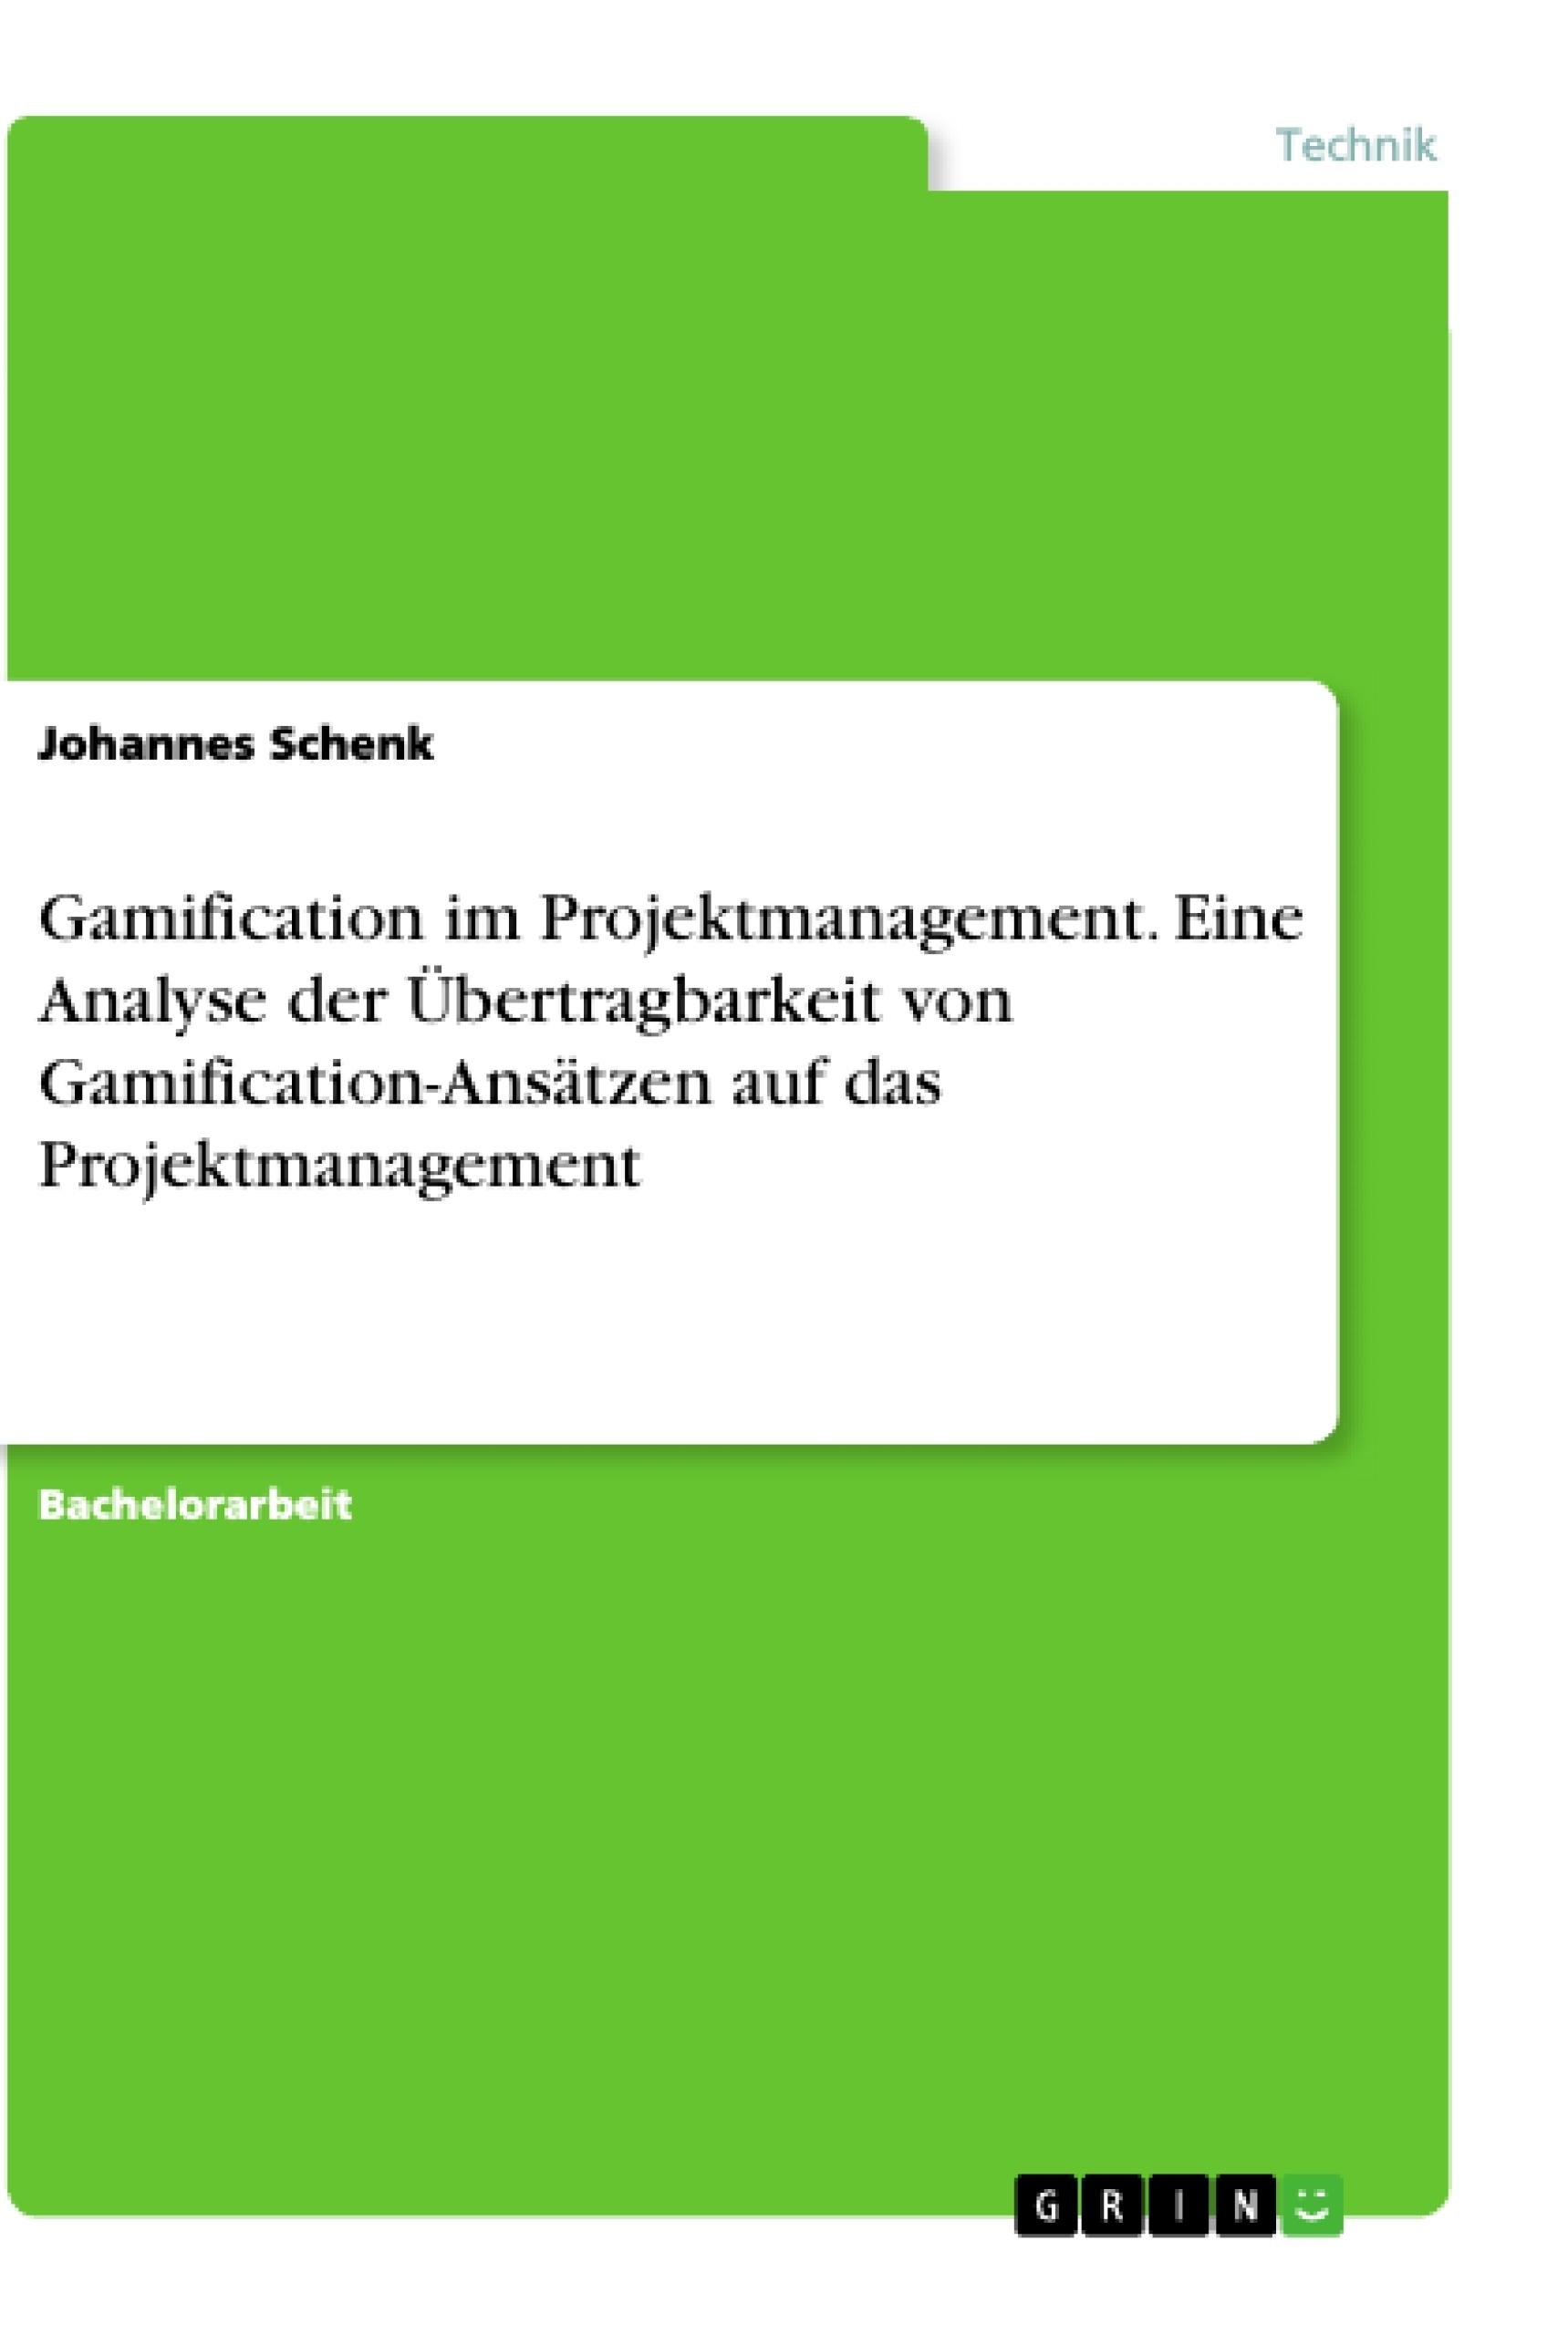 Titel: Gamification im Projektmanagement. Eine Analyse der Übertragbarkeit von Gamification-Ansätzen auf das Projektmanagement